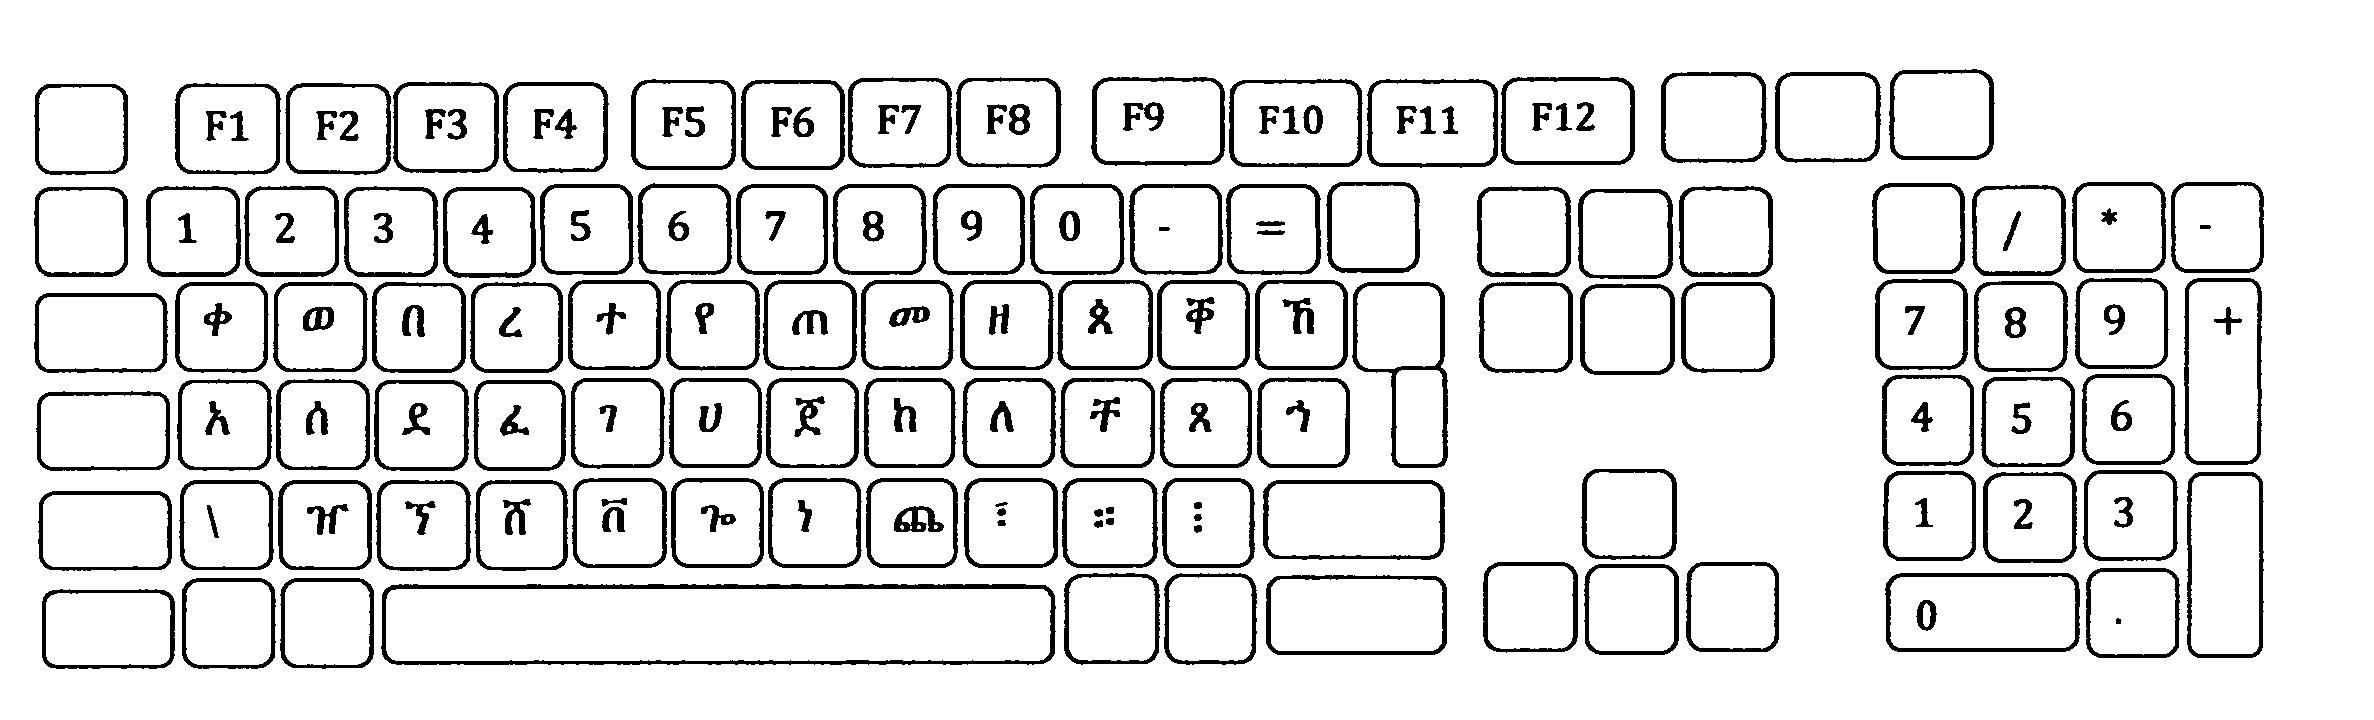 laptop keyboard drawing - photo #5